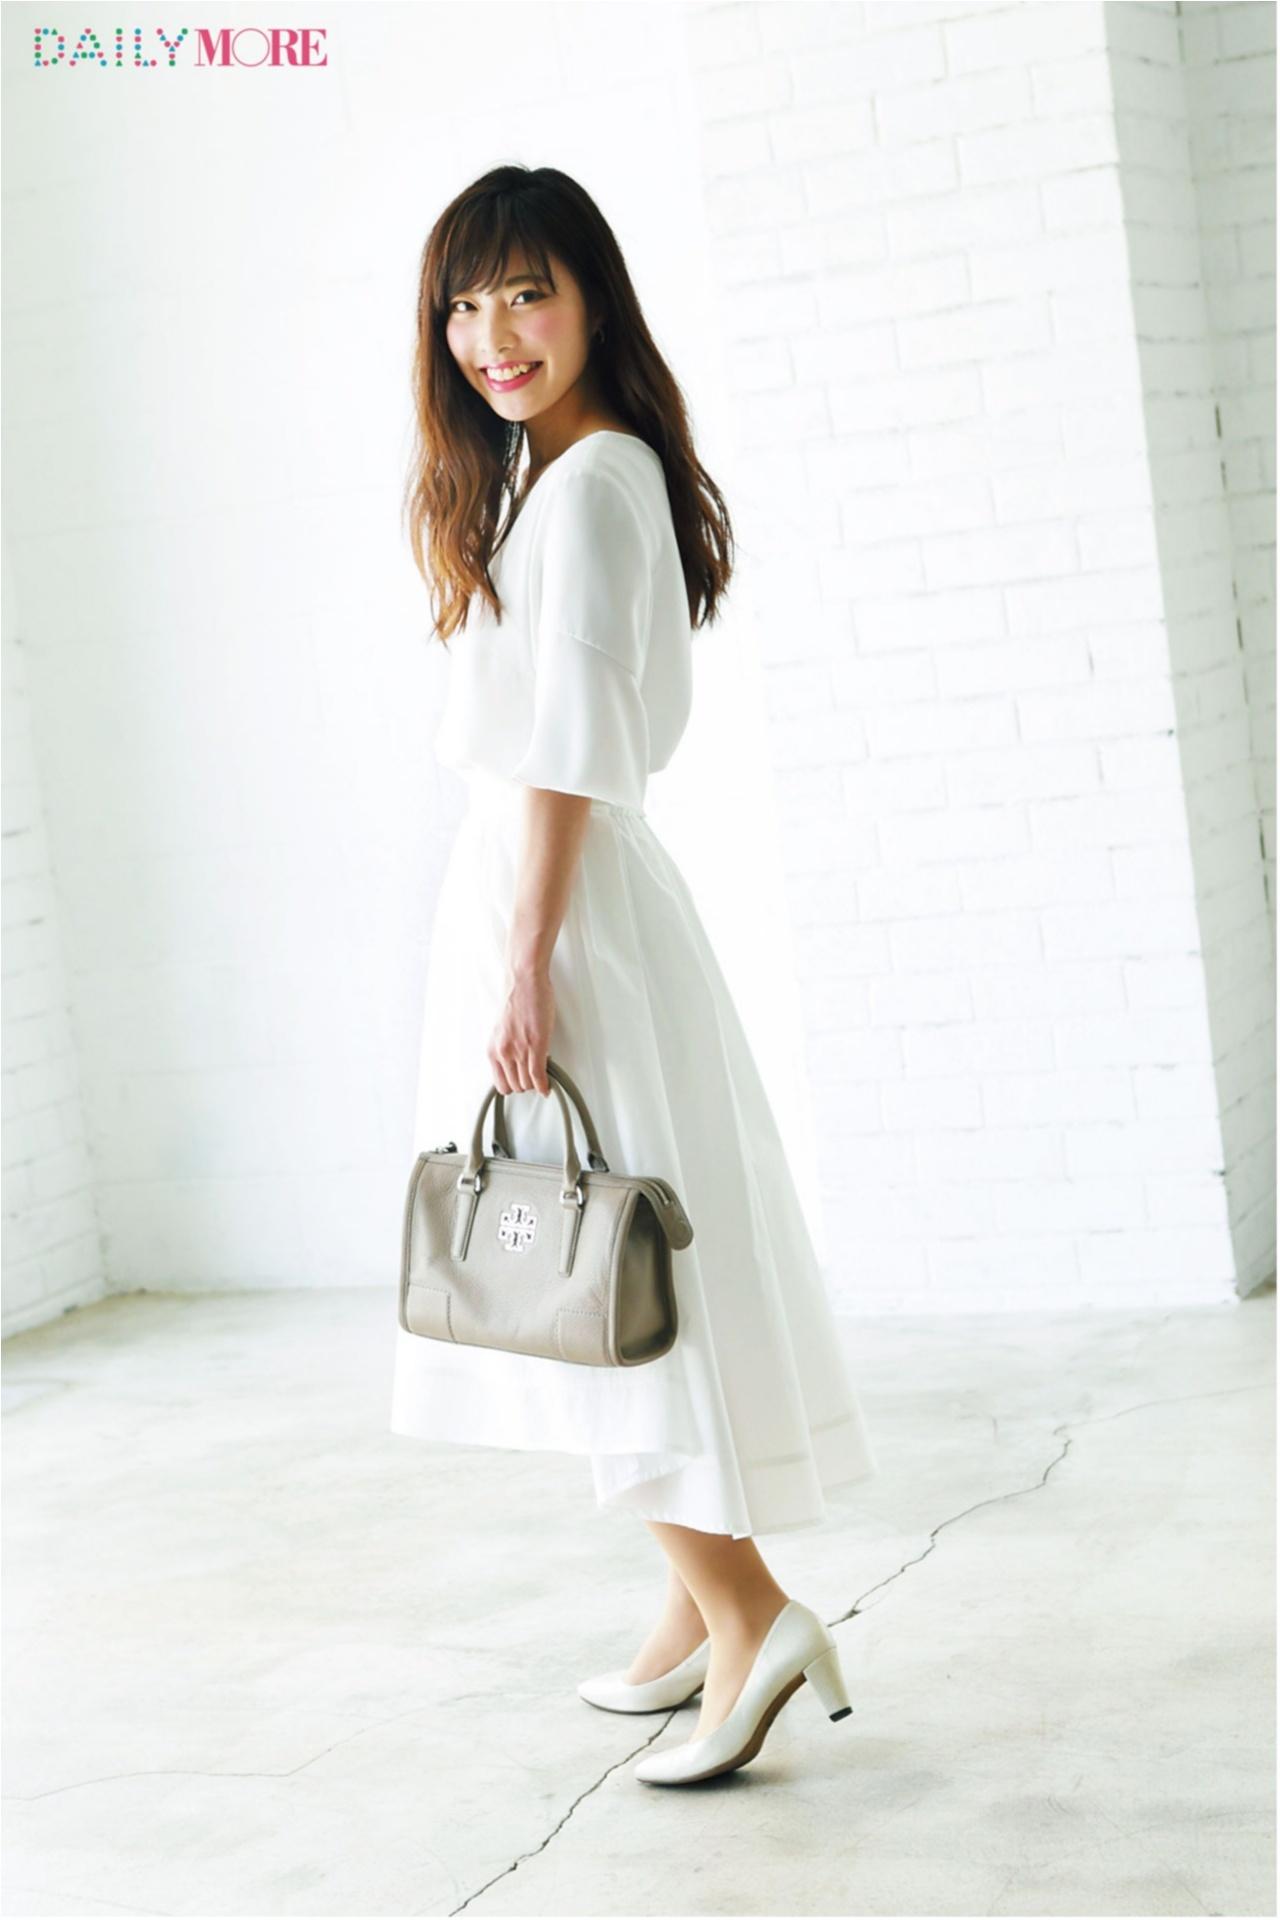 やっぱりスタイルよく見せたい♡ 「スタイルアップ」テーマが1、2位フィニッシュ! 今週のファッション人気ランキングトップ3☆_1_1